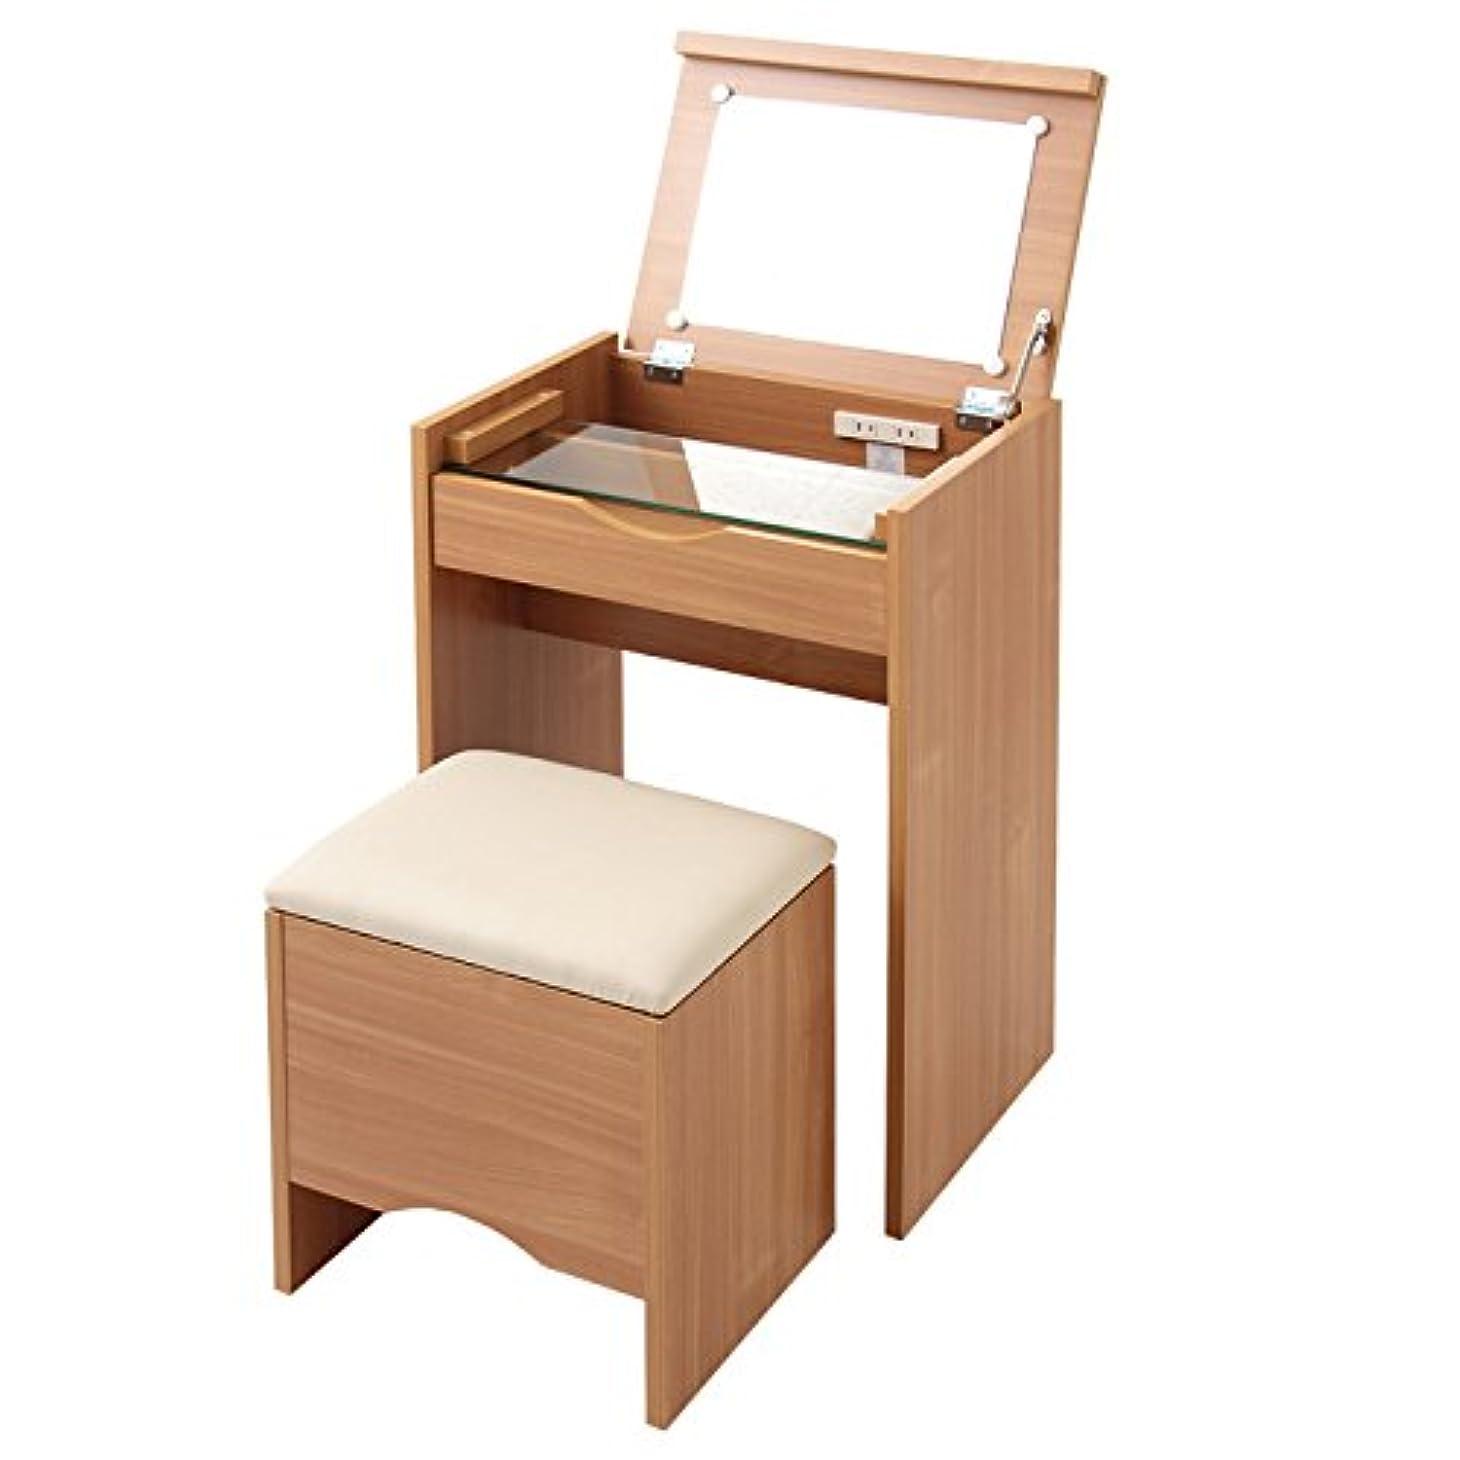 分泌する天窓嫌なドレッサー?スツール2点セット スツール付ドレッサー DR-5070HC 鏡台 ミラー 椅子 (ナチュラル)